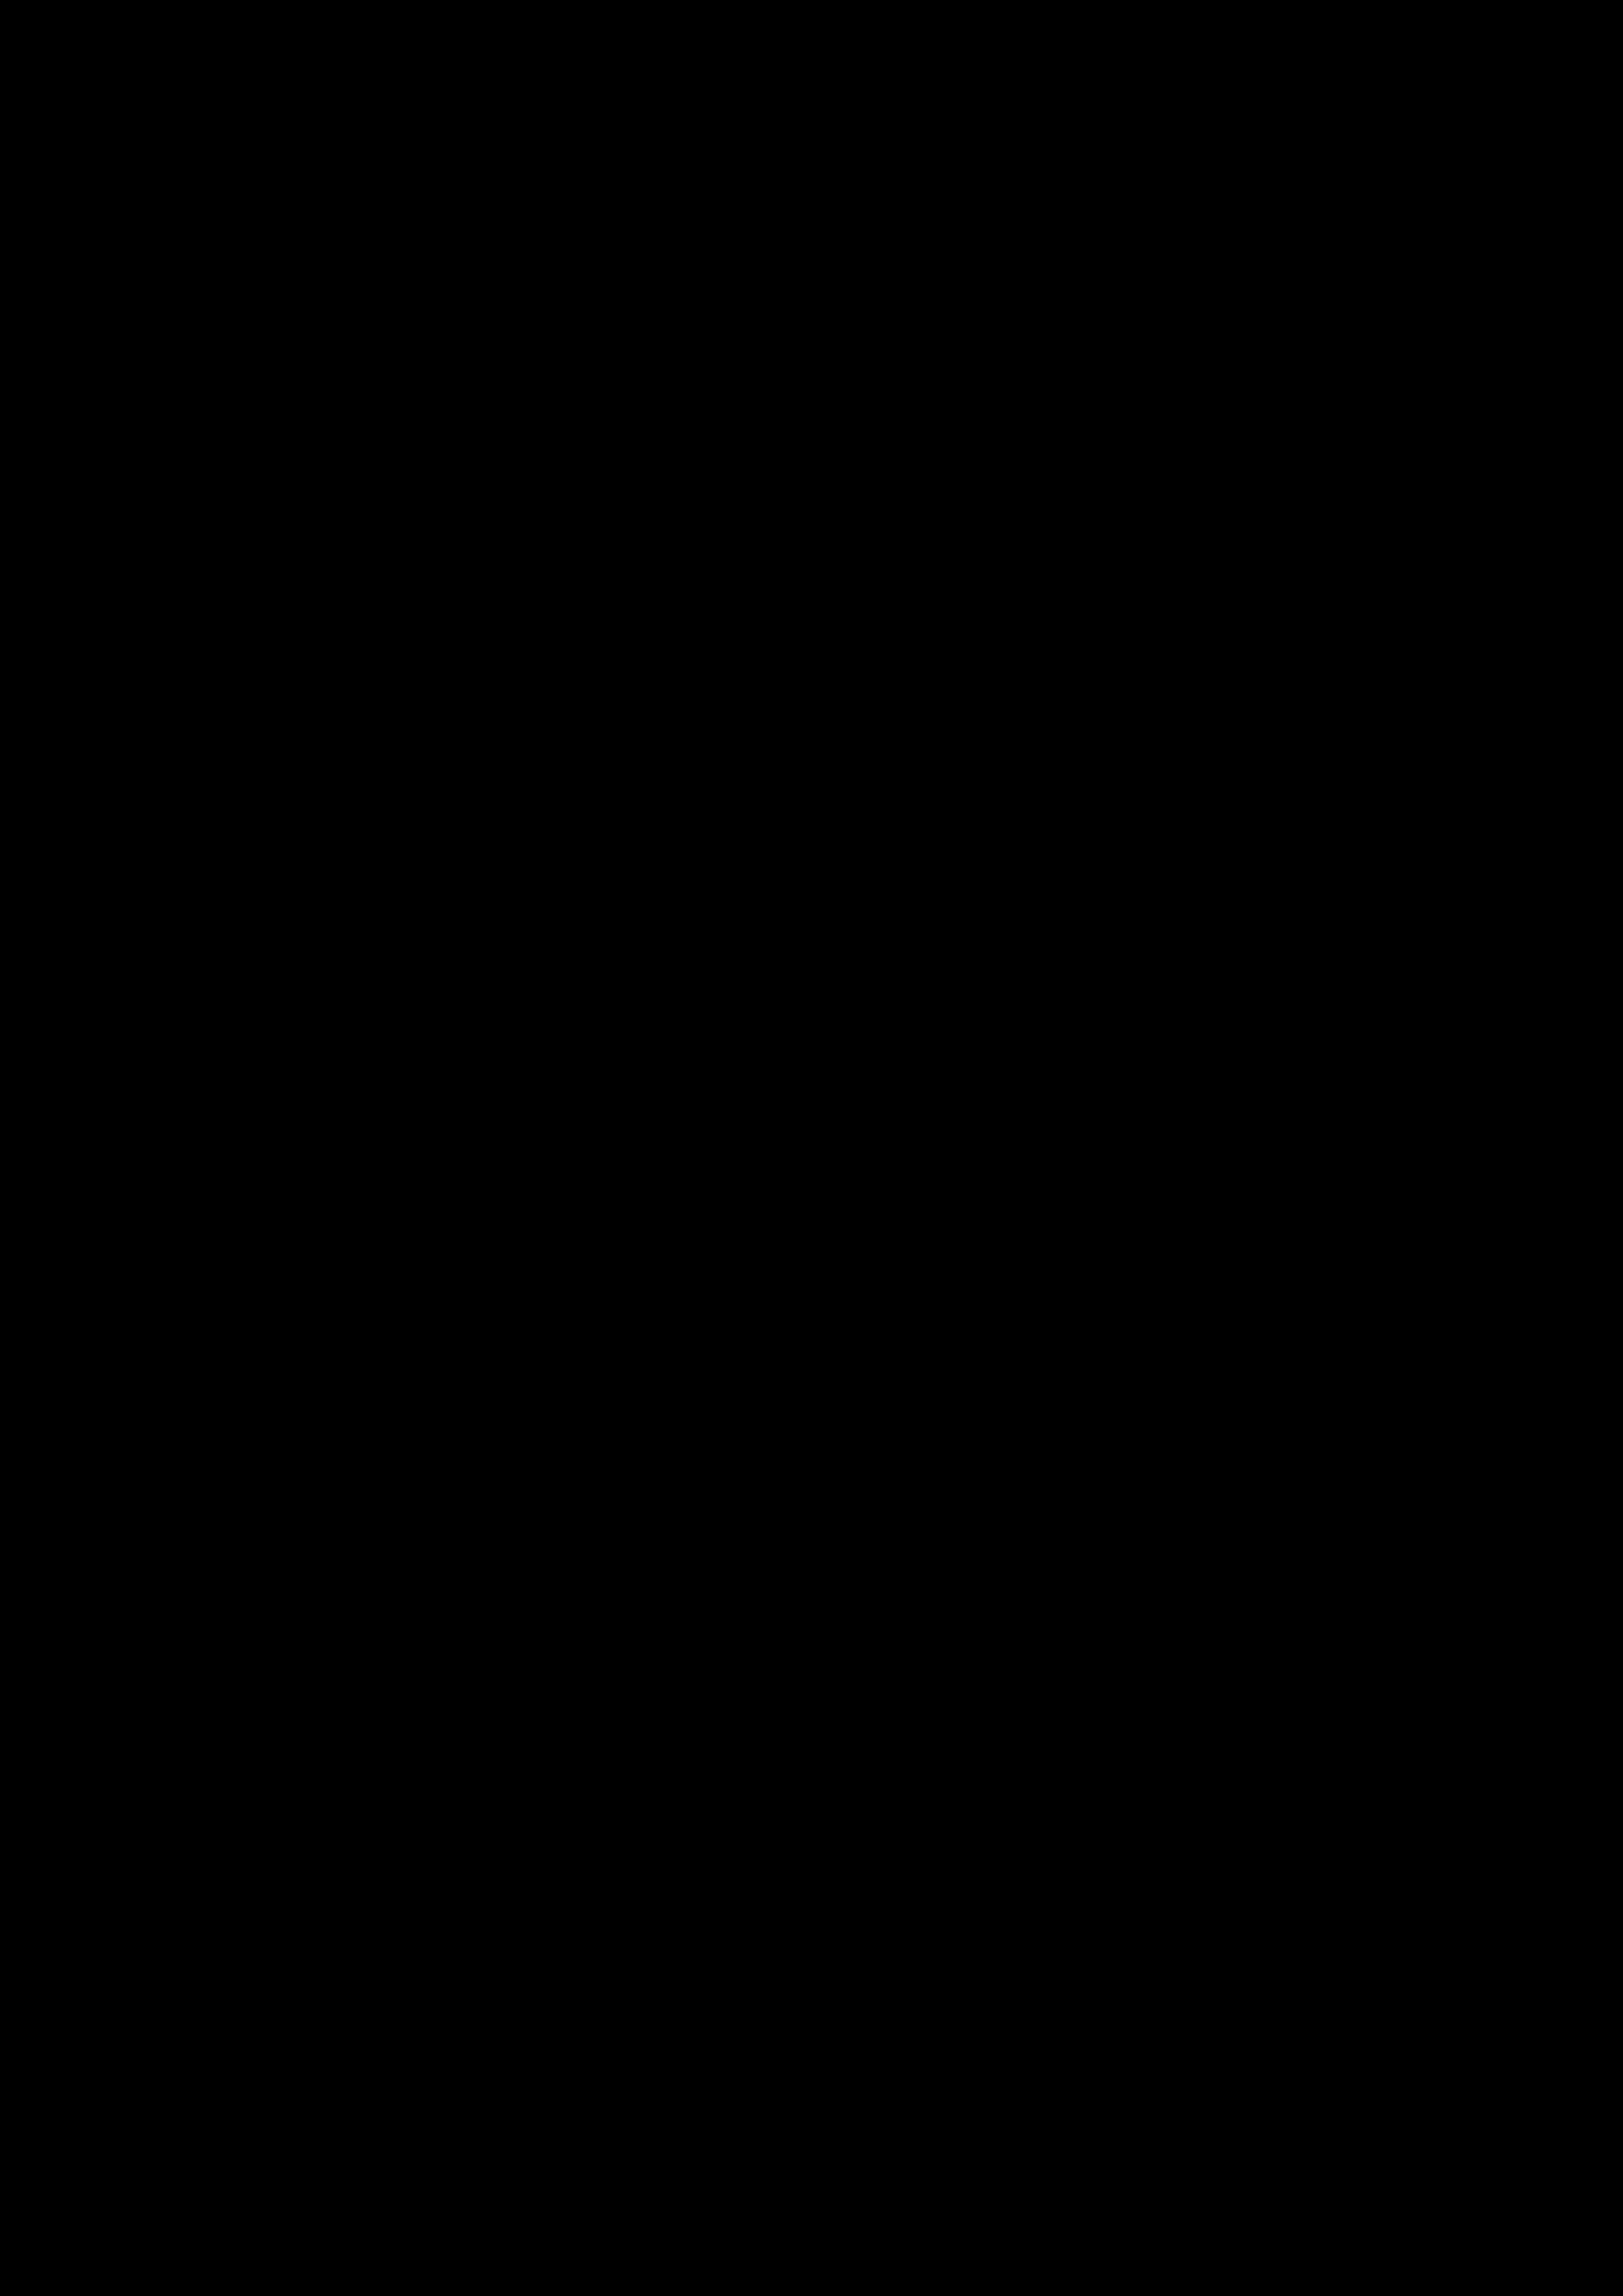 2018年度FSS受講生募集ポスター